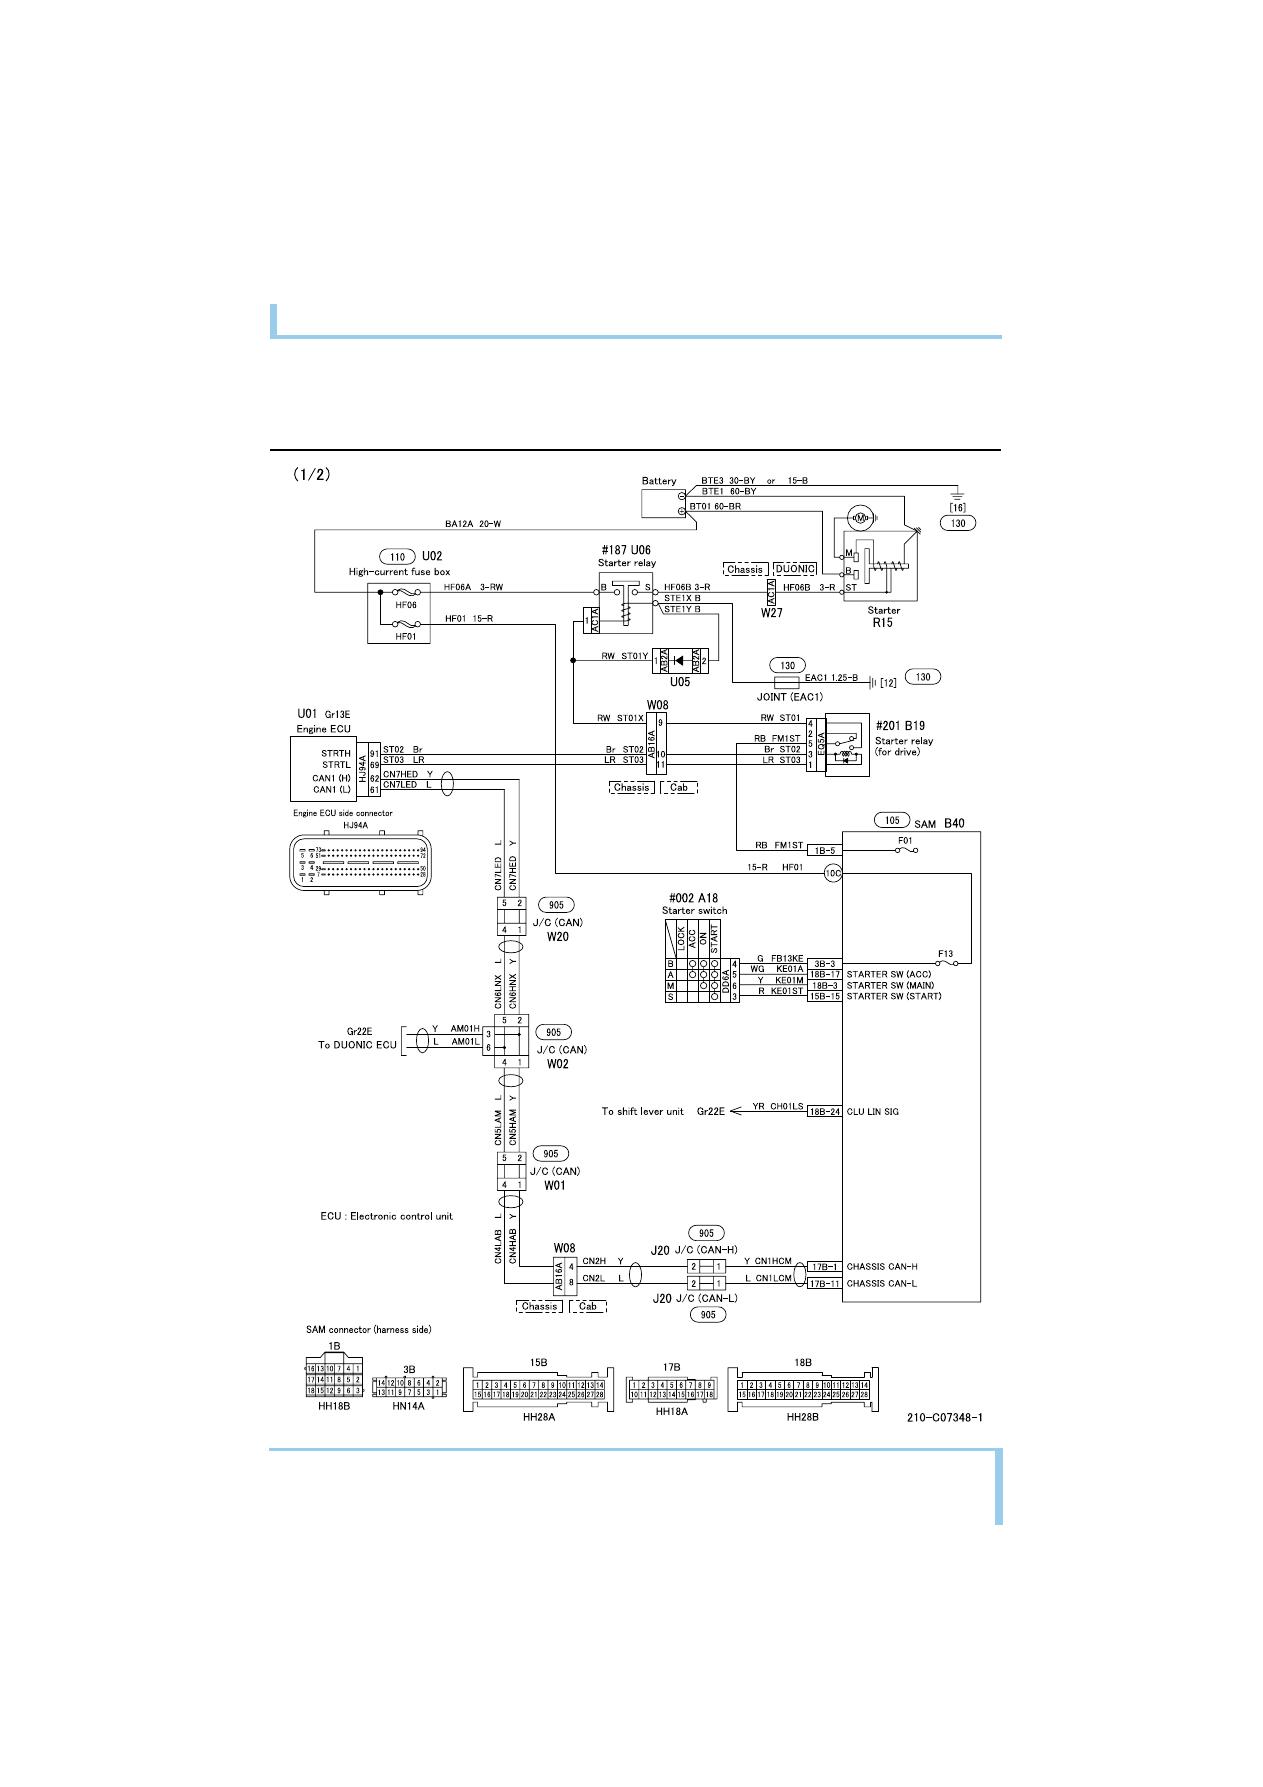 Groß Mitsubishi Mini Lkw Schaltplan Ideen - Der Schaltplan - greigo.com